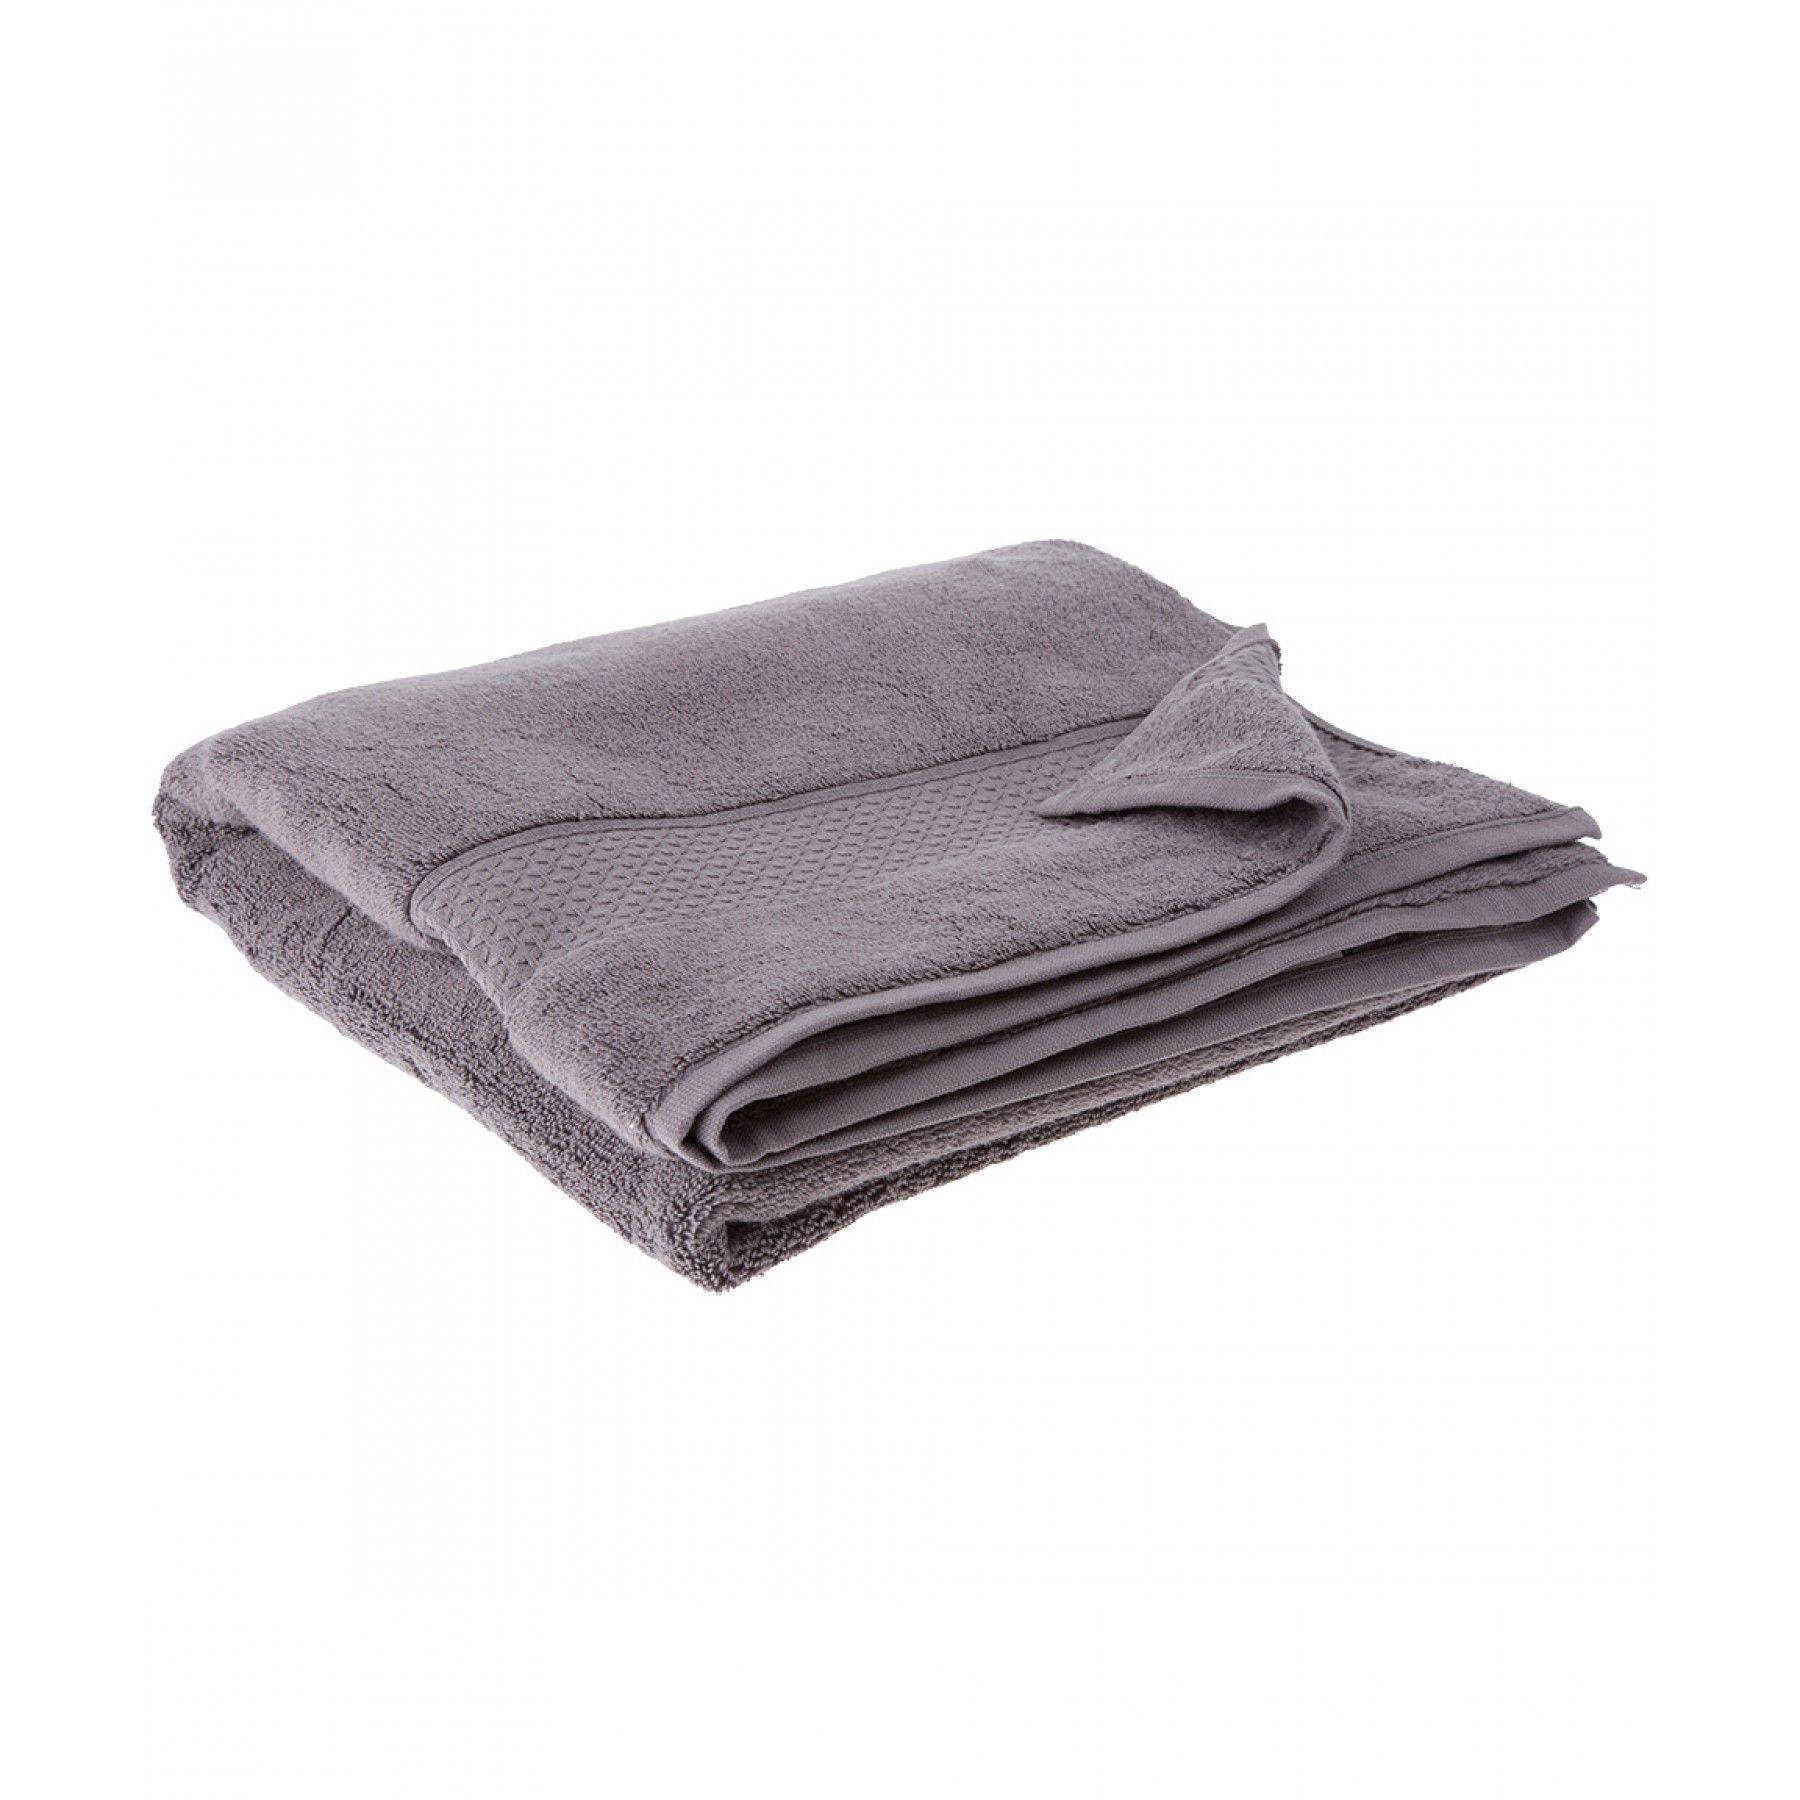 Toalla Baño Gris   Baños grises, Color gris oscuro y Toallas